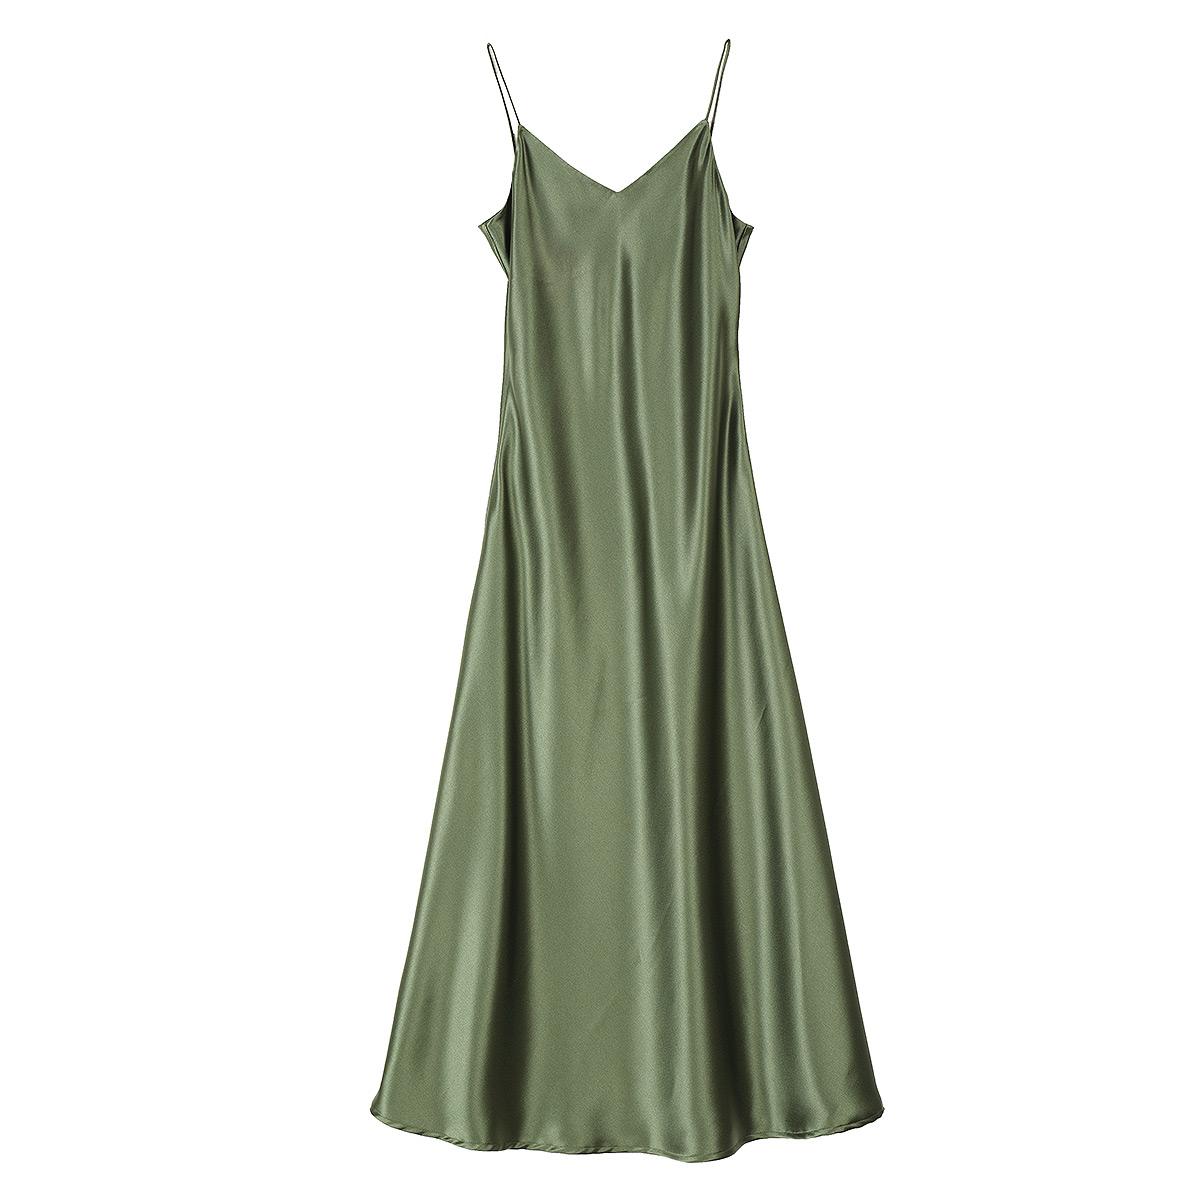 吊带长裙搭配什么外披:女士吊带长裙